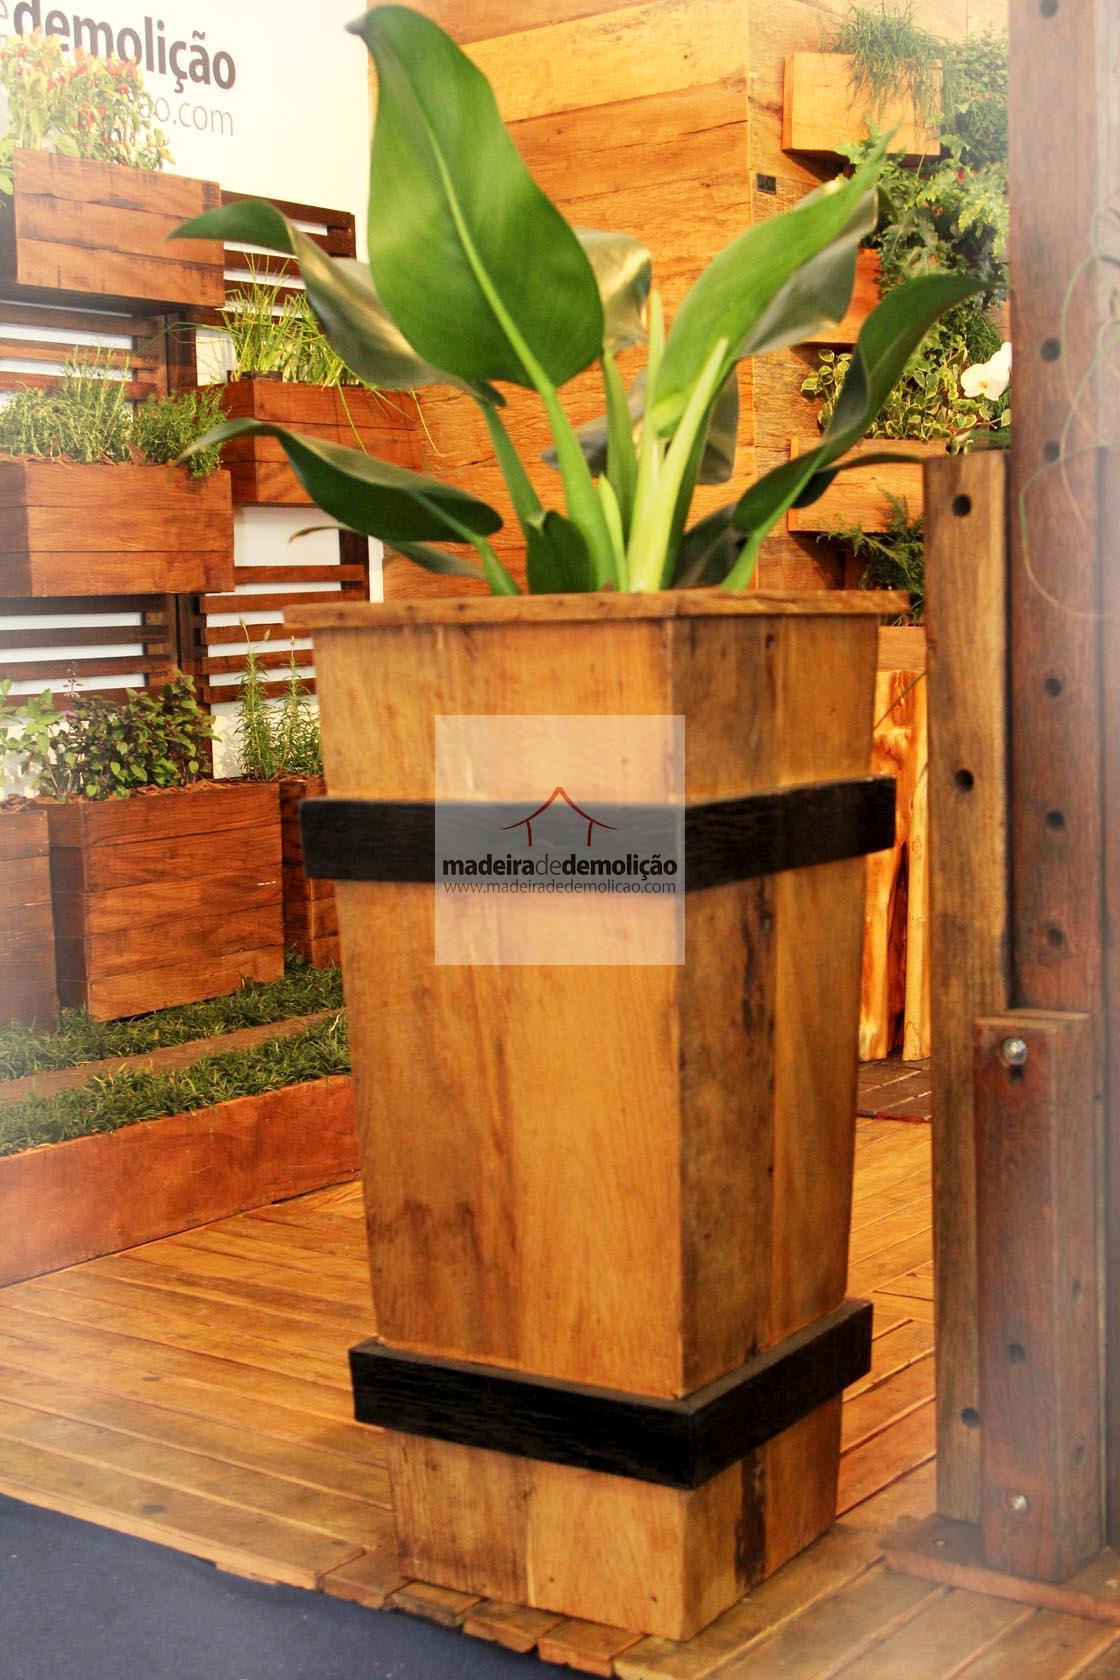 ensaio pro madeira de demolicao 261 Madeira de Demolição #B74A15 1120x1680